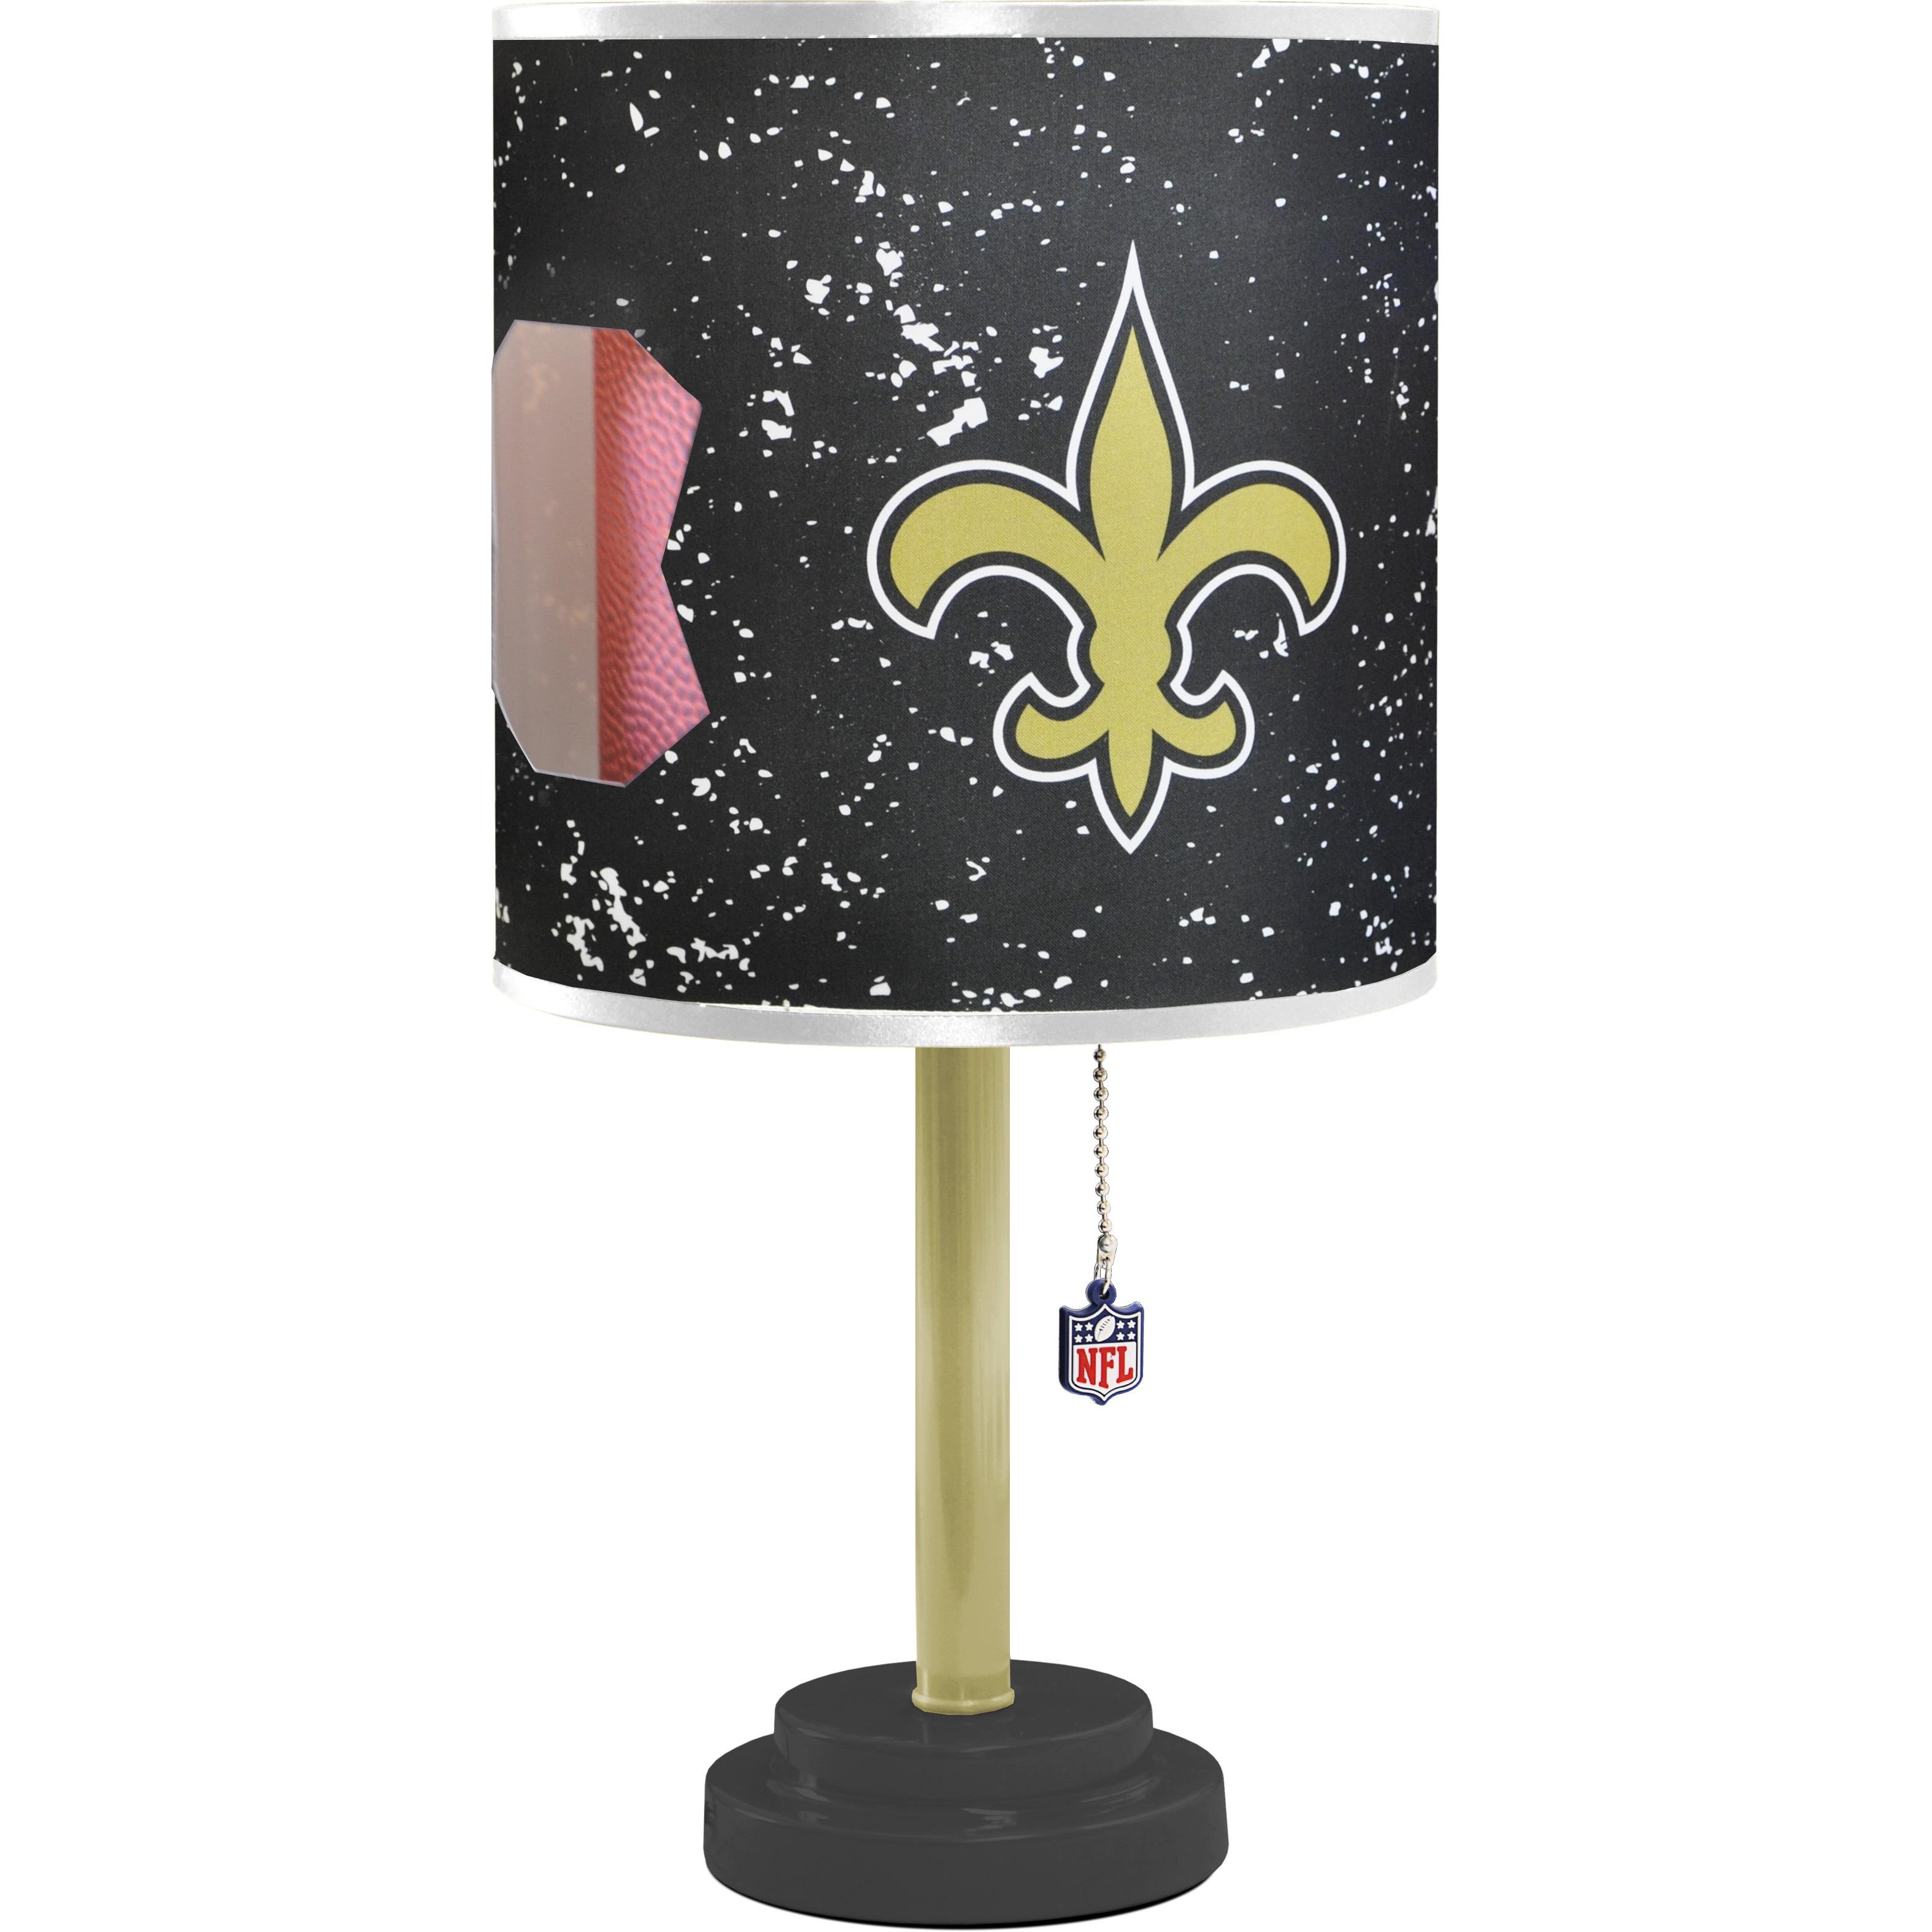 New Orleans Saints Desk Lamp